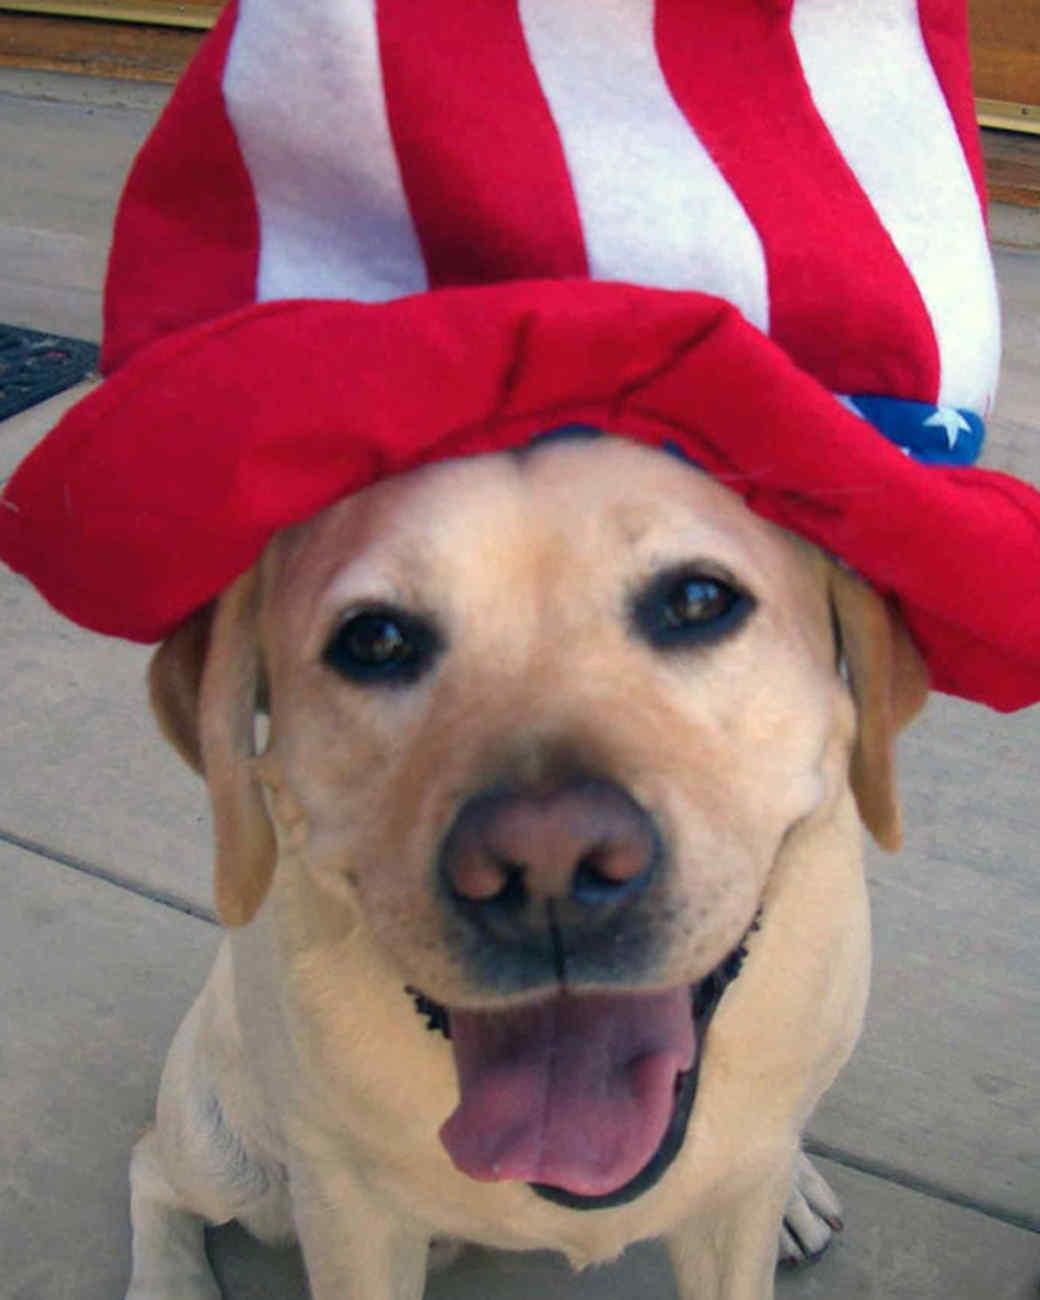 p_patriotic_09_91685.jpg